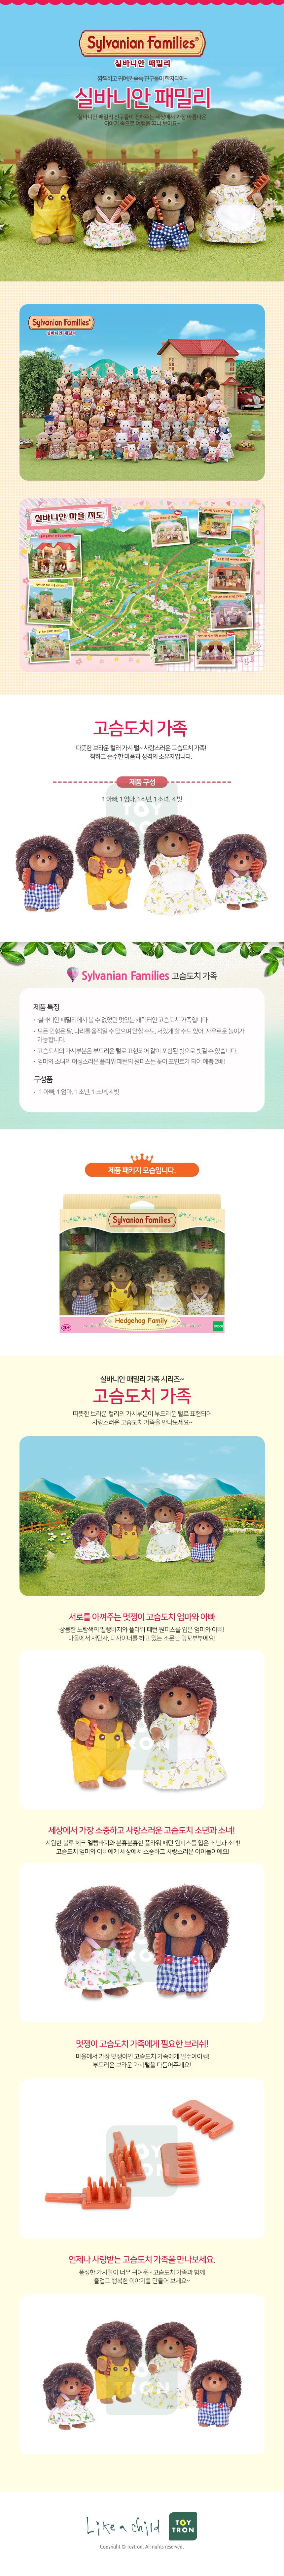 4018-고슴도치 가족(3122) - 실바니안패밀리, 27,900원, 캐릭터 피규어, 실바니안패밀리